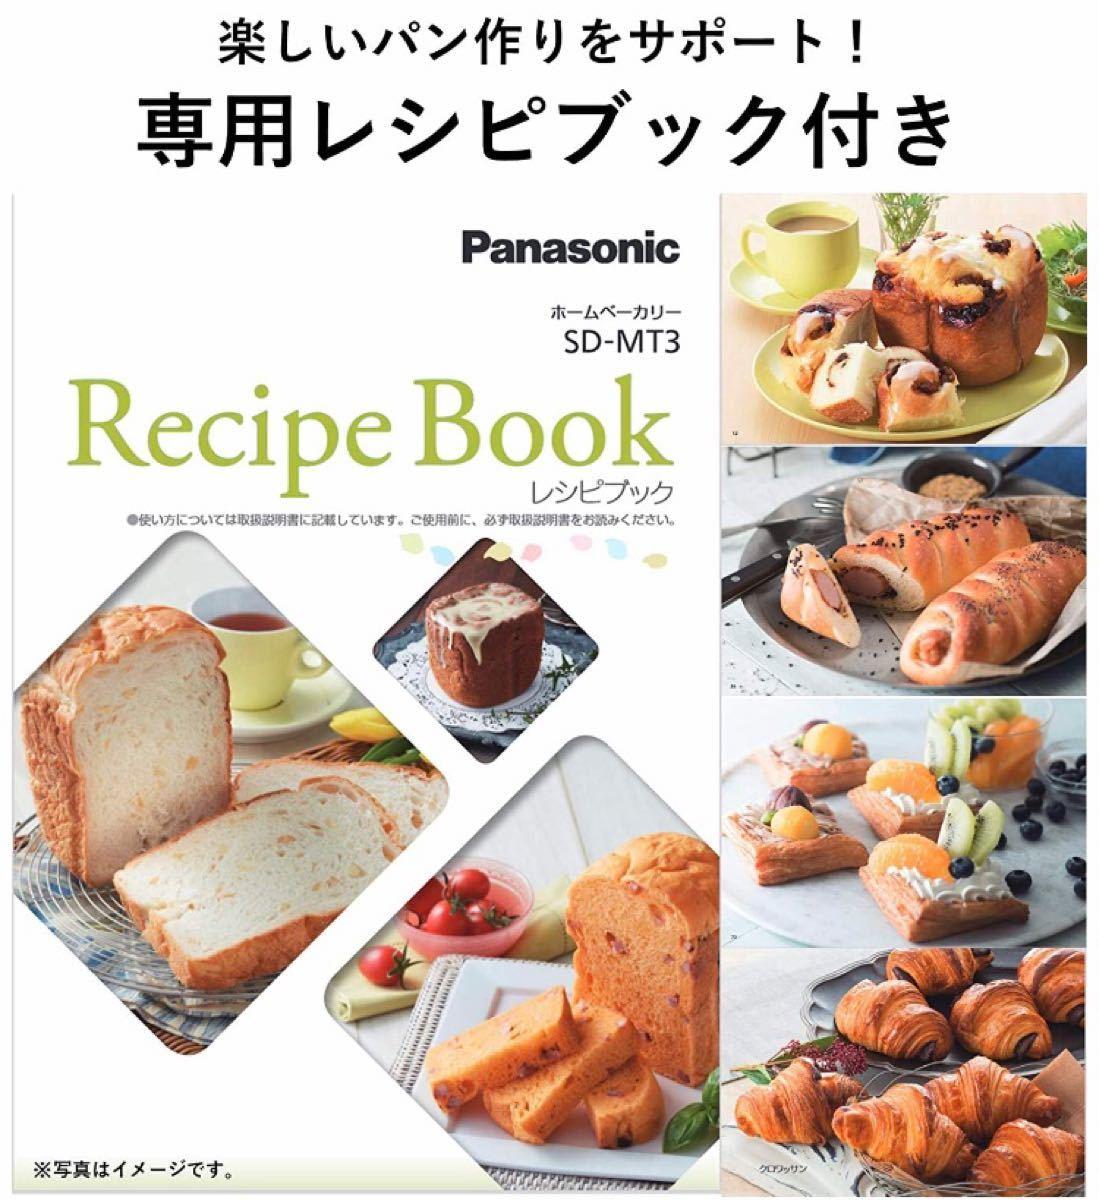 【値下げ中】パナソニック ホームベーカリー 1斤タイプ SD-MT3-W ホワイト Panasonic